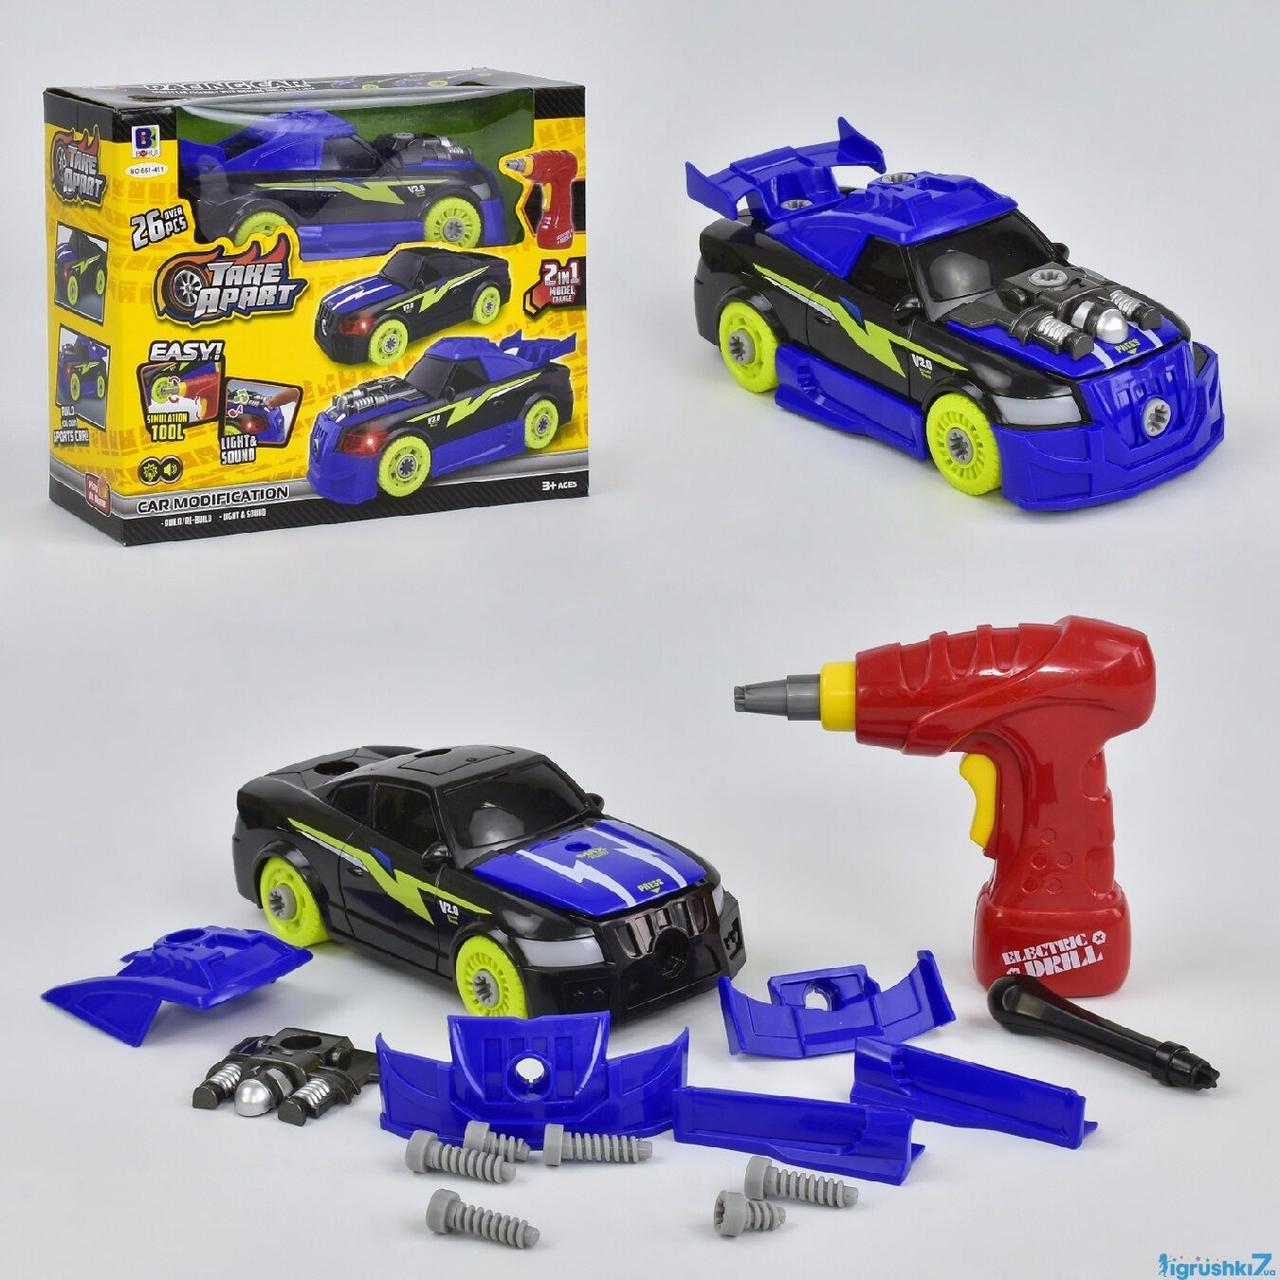 Машина-конструктор 2в1 661-411 (24) 26 деталей, світло, звук, шуроповерт, в коробці